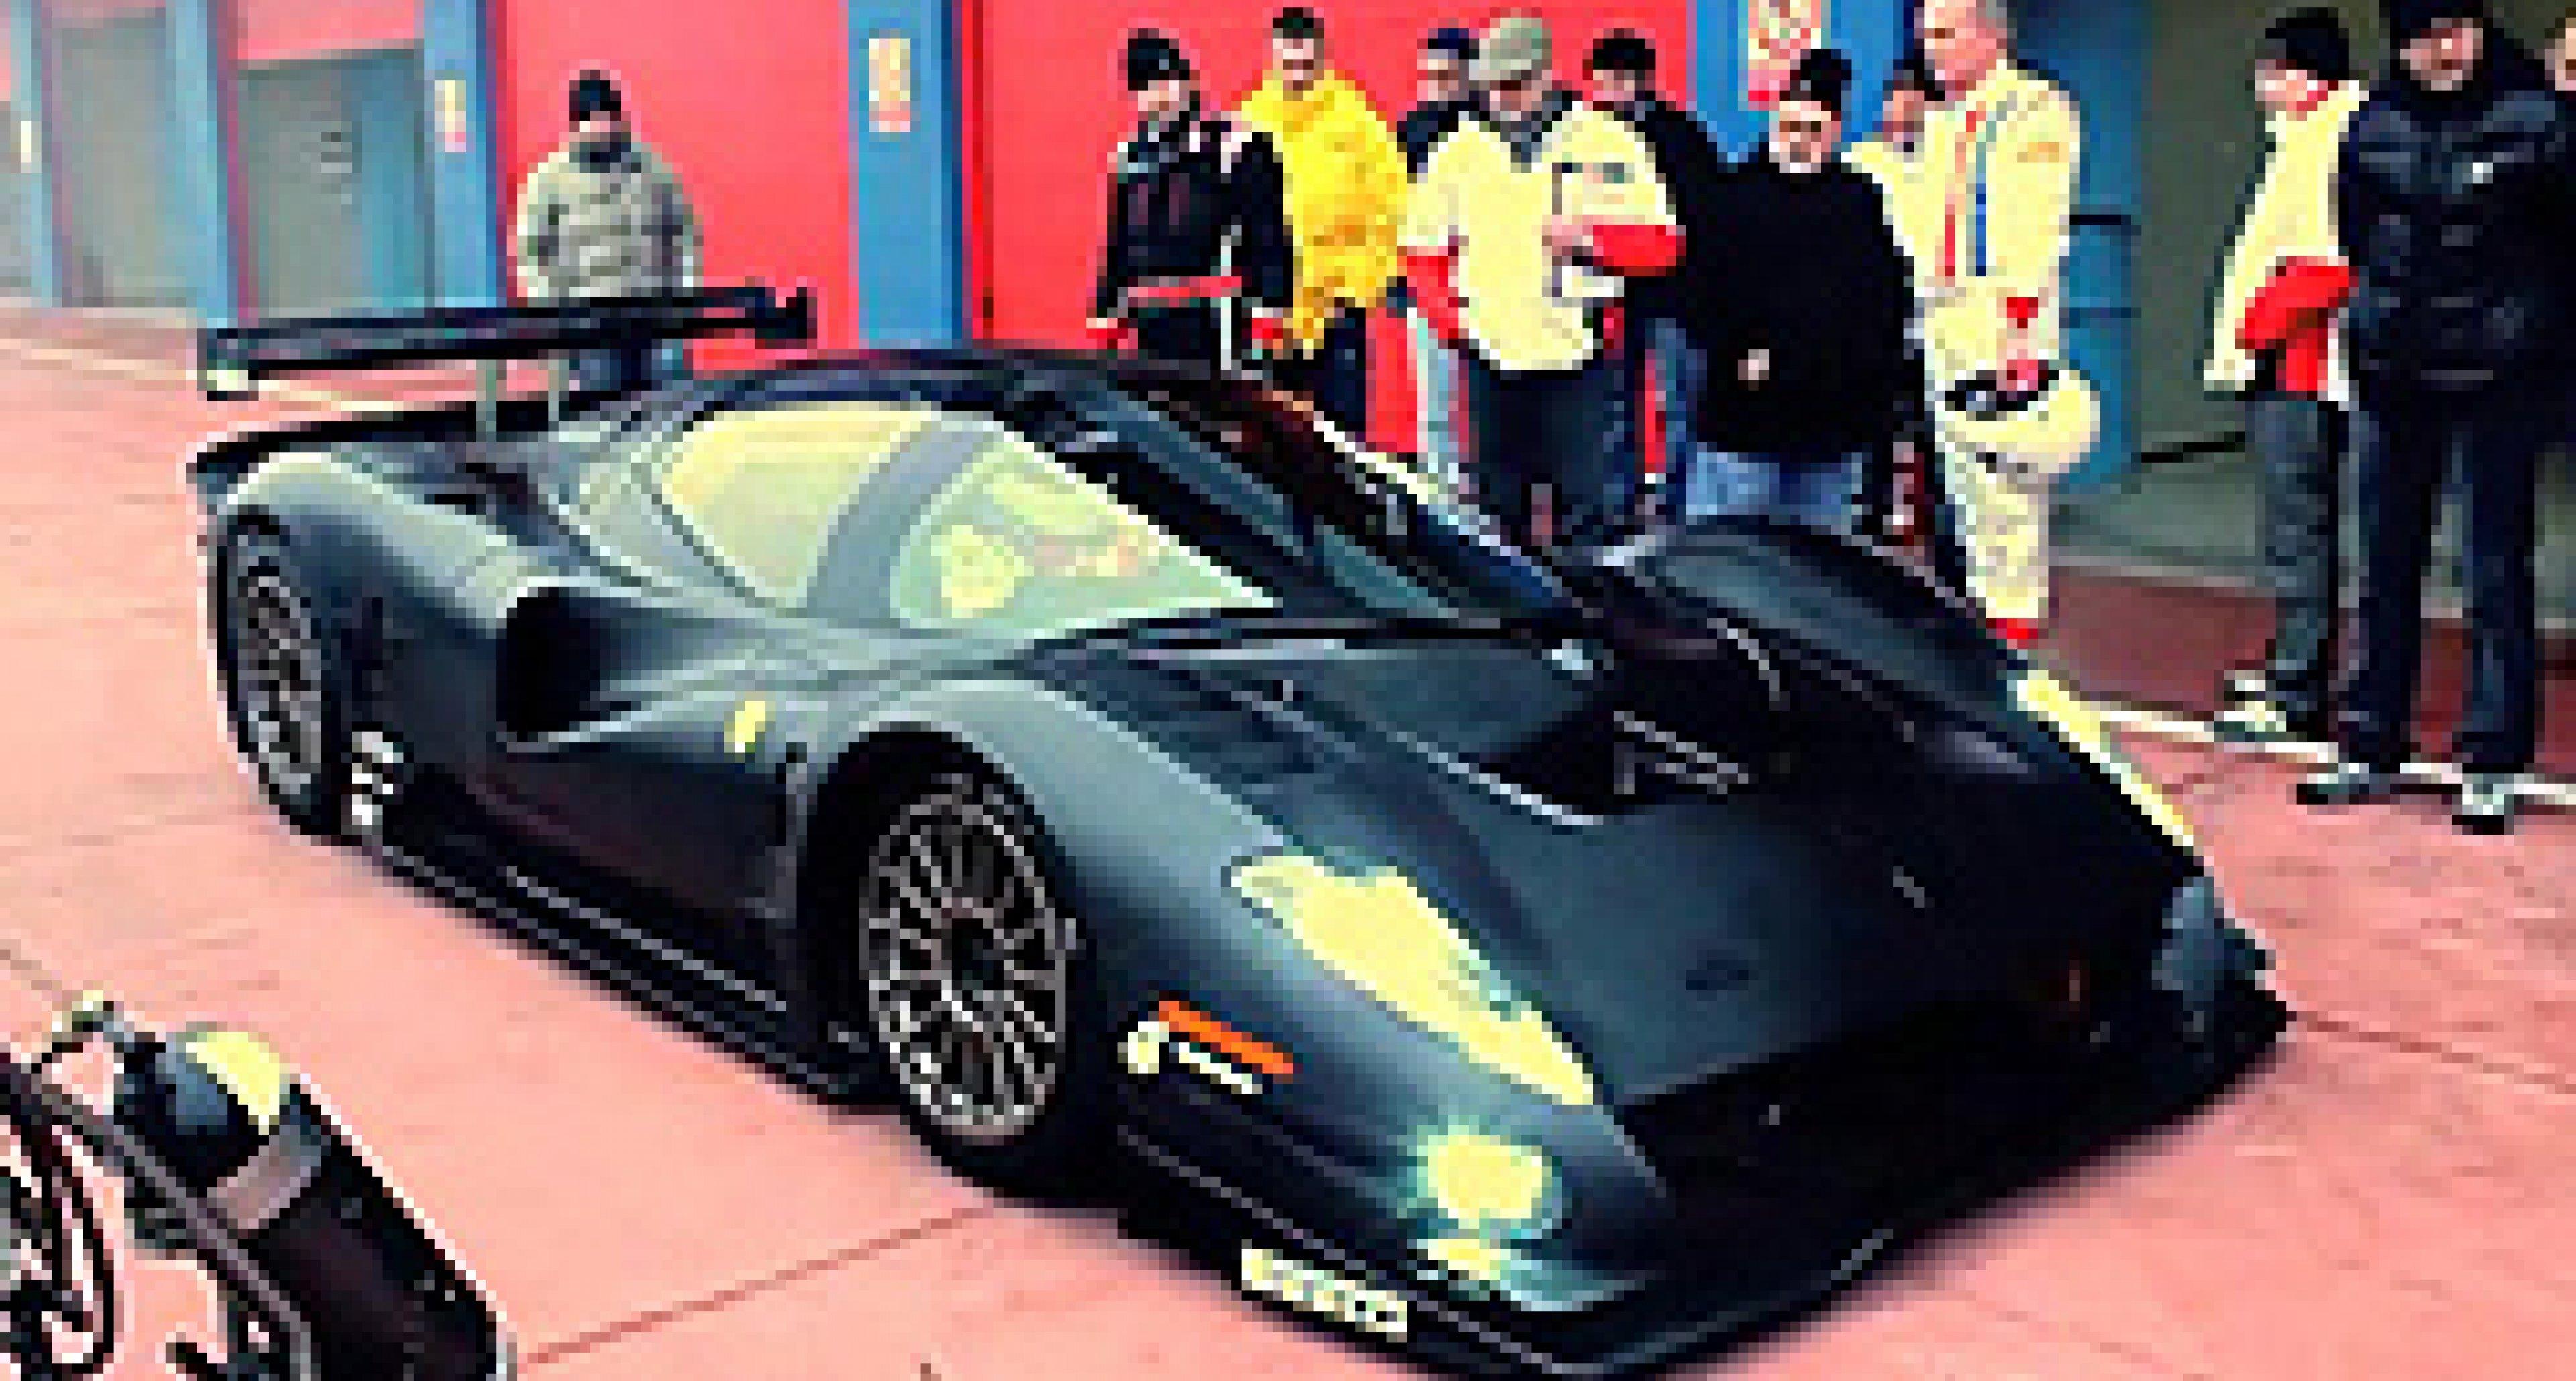 Ferrari P4/5 Competizione: the Next Chapter